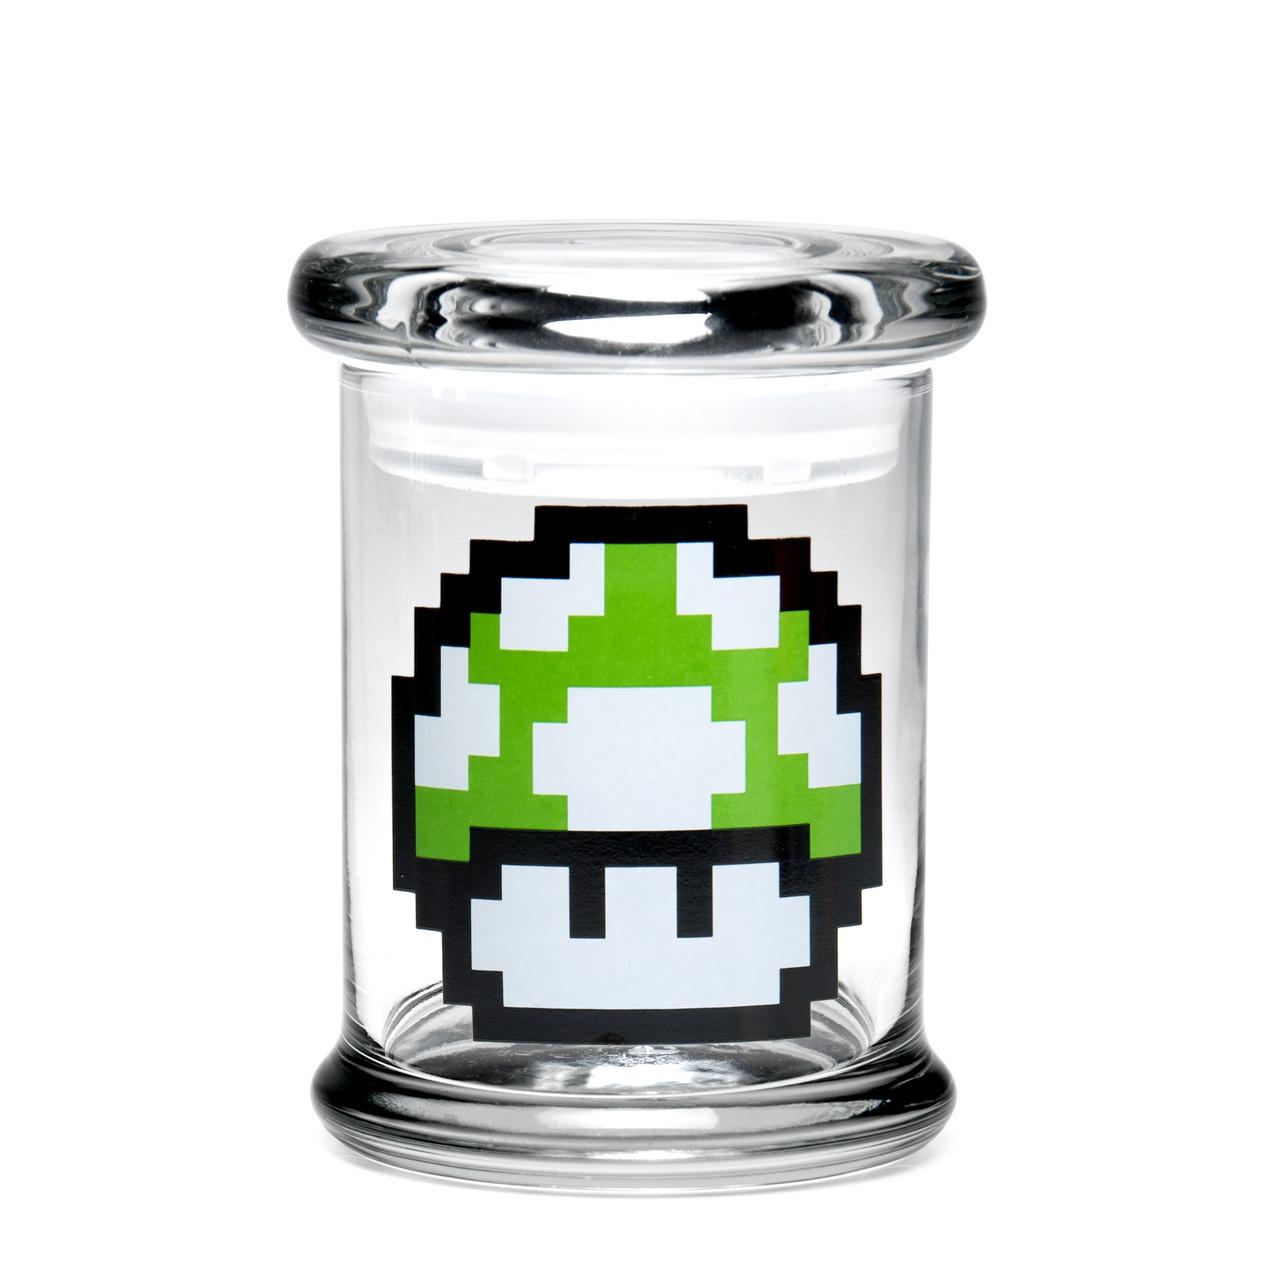 420 Science Medium Pop-Top Jar - 1-Up Mushroom